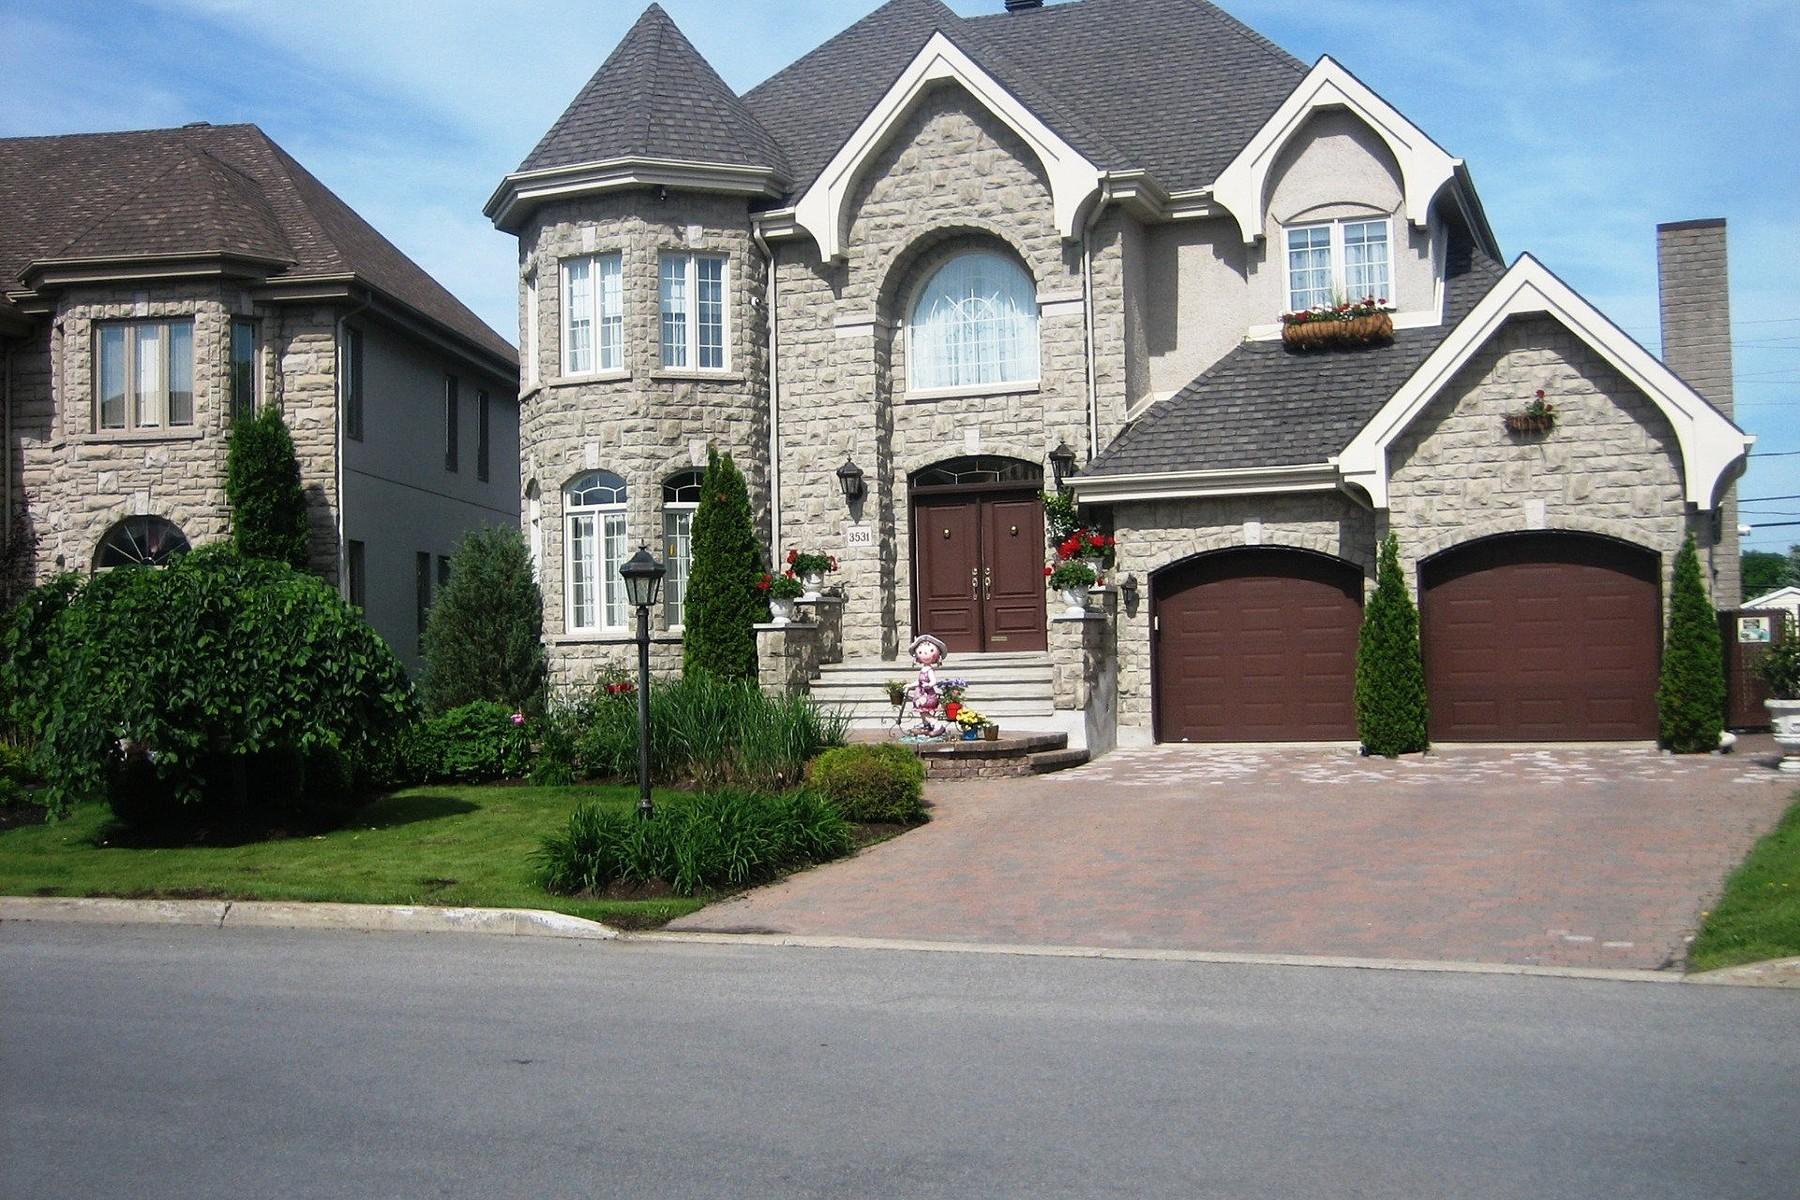 Maison unifamiliale pour l Vente à Fabreville (Laval), Laval 3531 Rue des Abenakis Fabreville, Québec H7P6A3 Canada